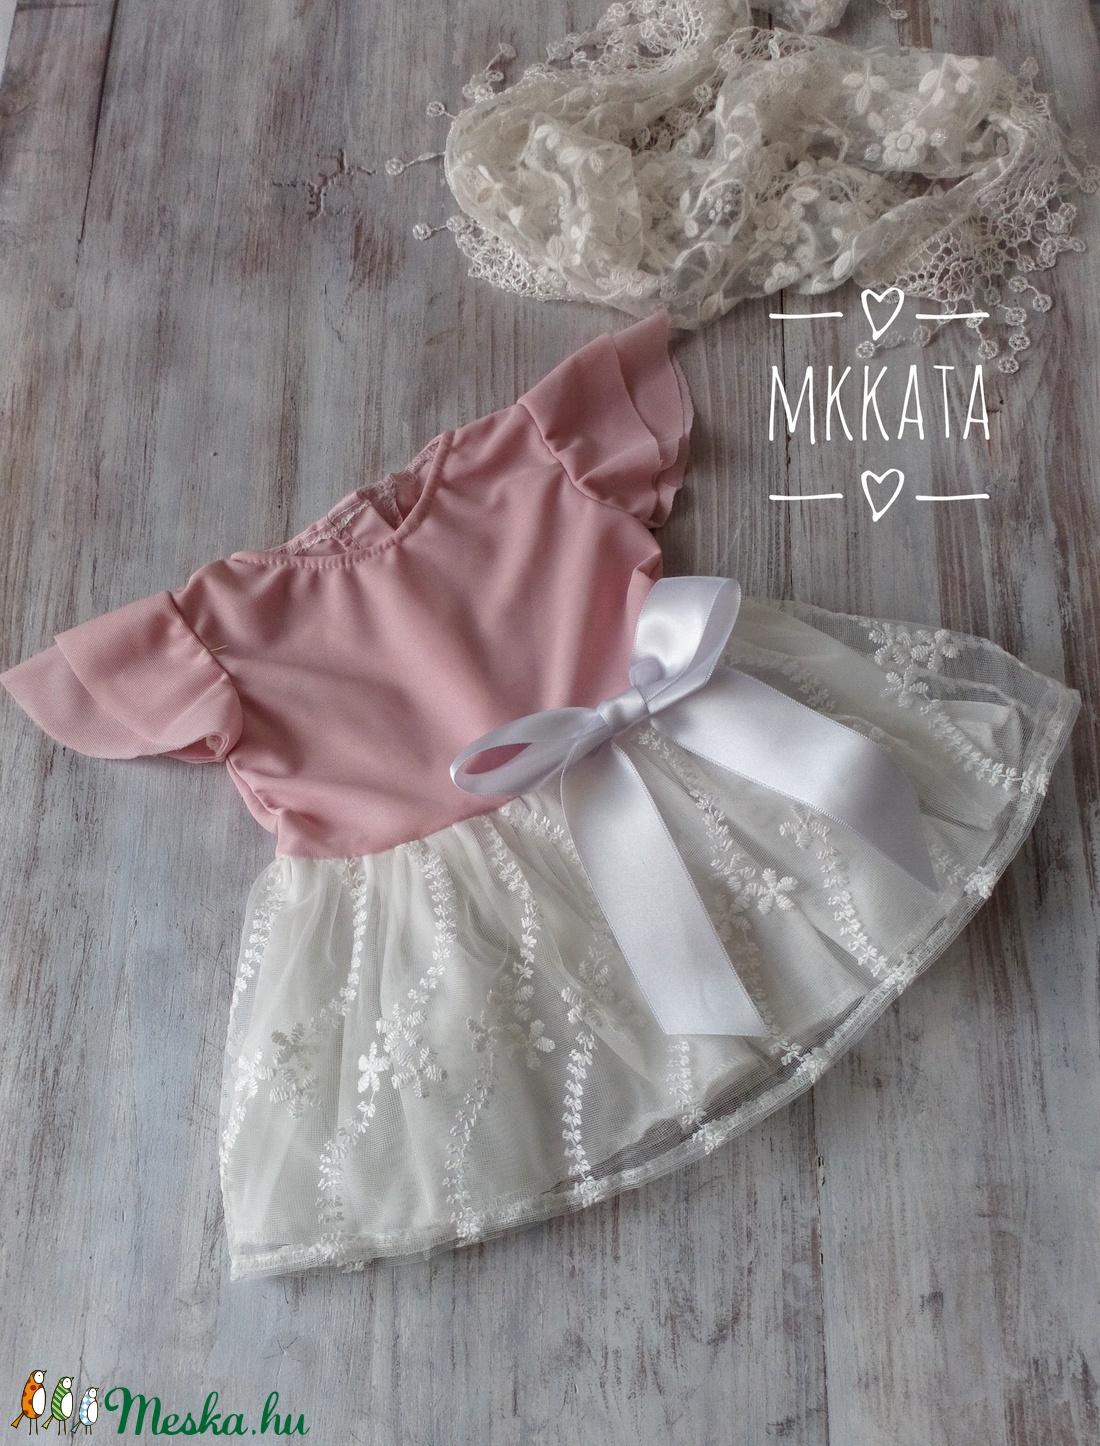 Alkalmi ,keresztelő kislány ruha 62-es méret  - ruha & divat - babaruha & gyerekruha - keresztelő ruha - Meska.hu